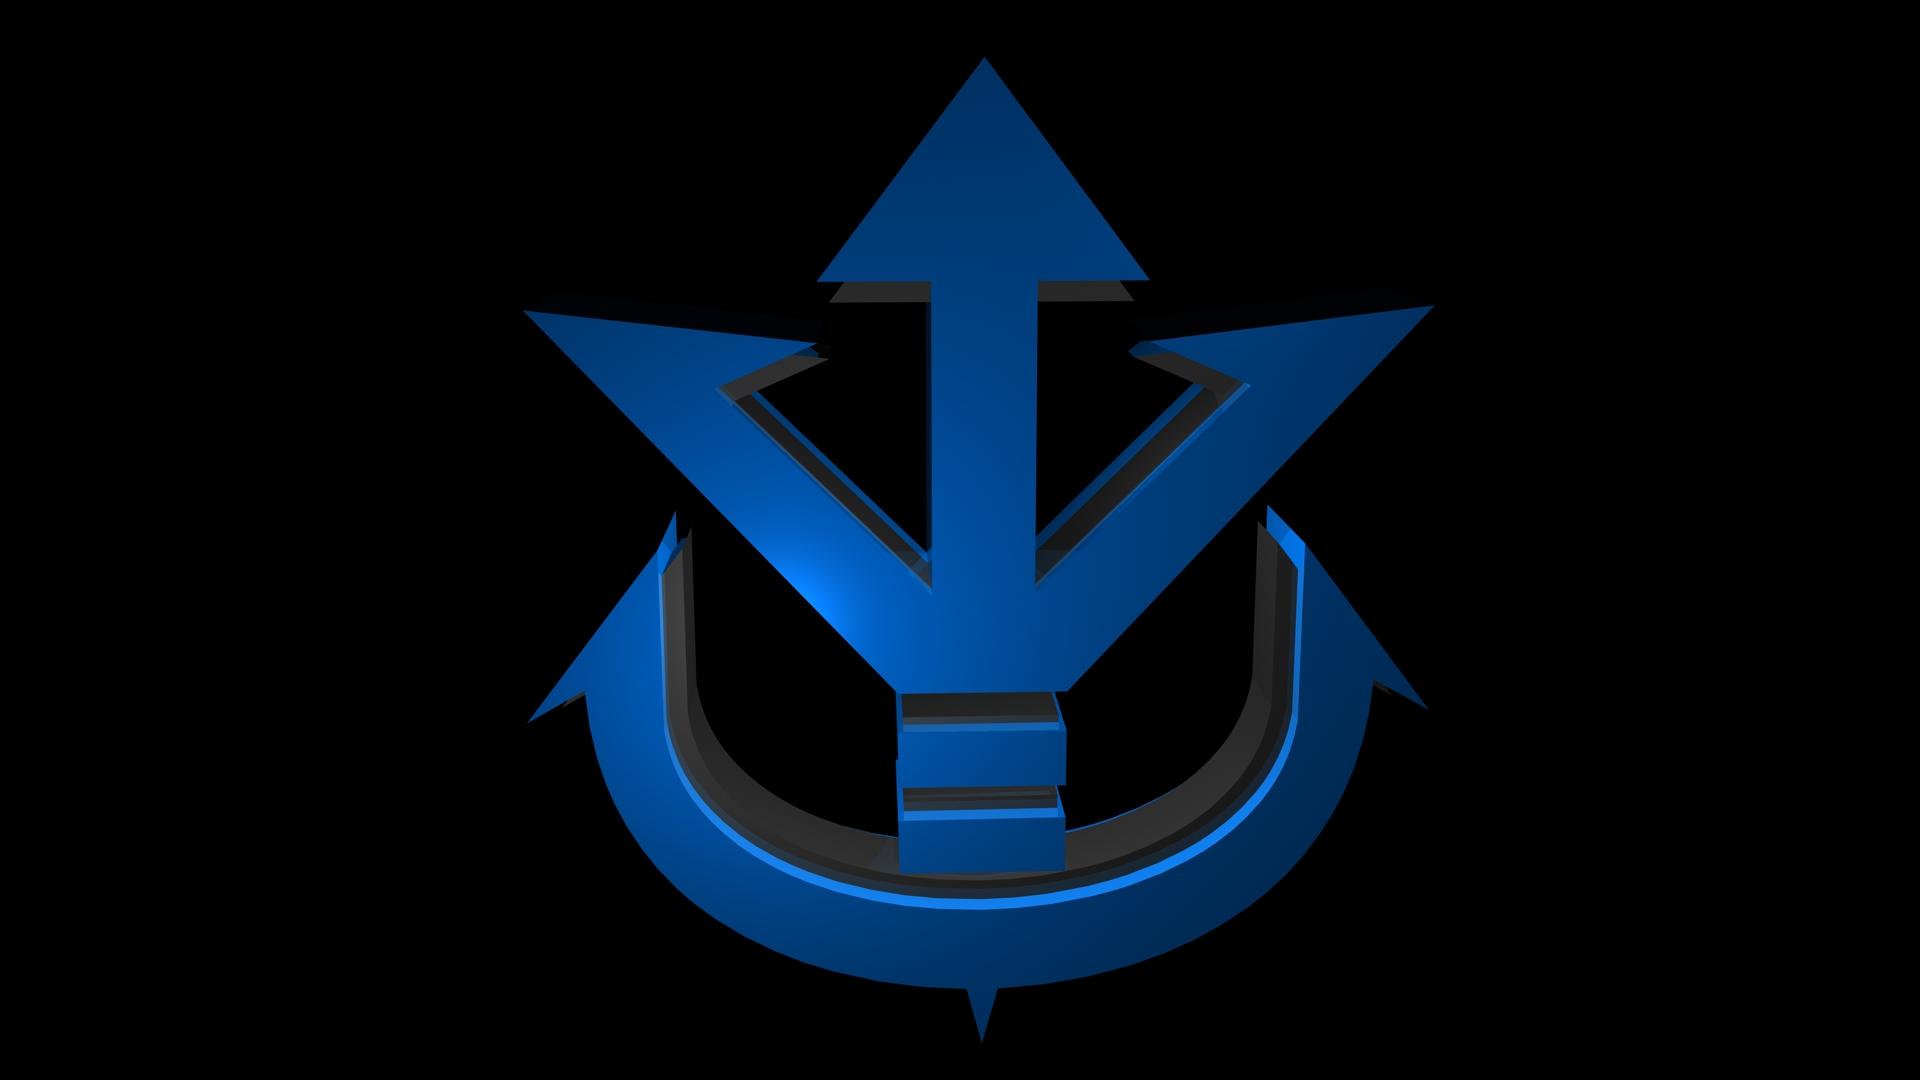 DeviantArt: More Like Wallpaper - King Vegeta 'Saiyan Crest' Logo ...